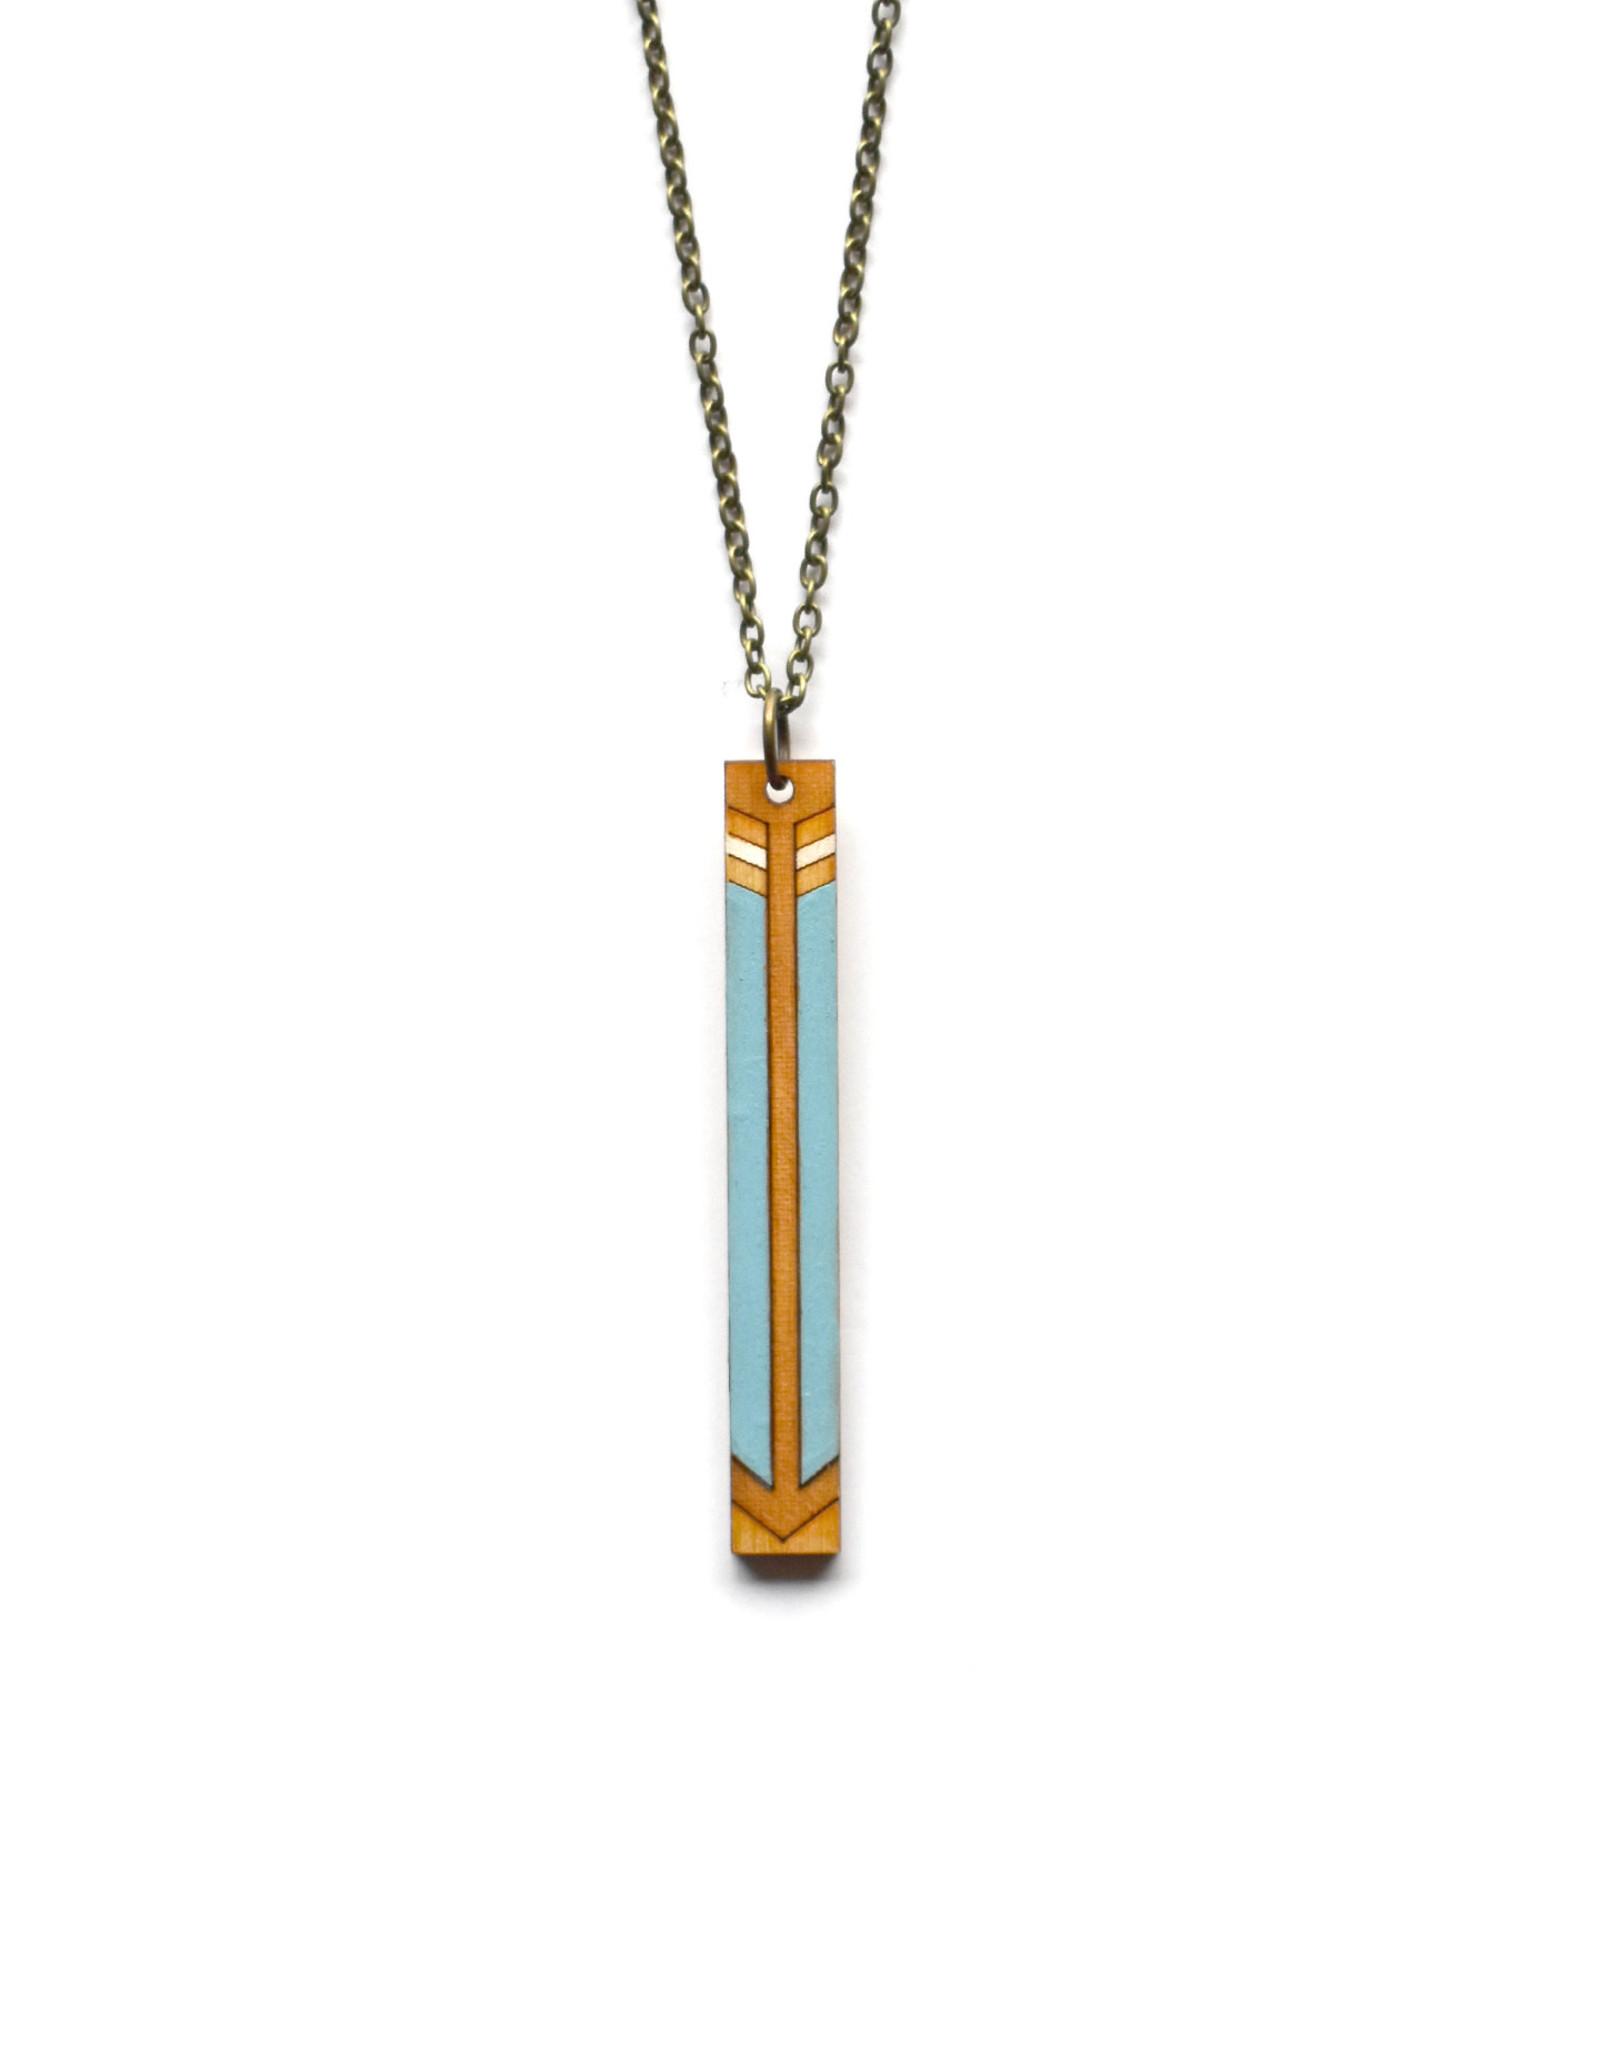 Laser Cut Arrow Necklace - Light Blue